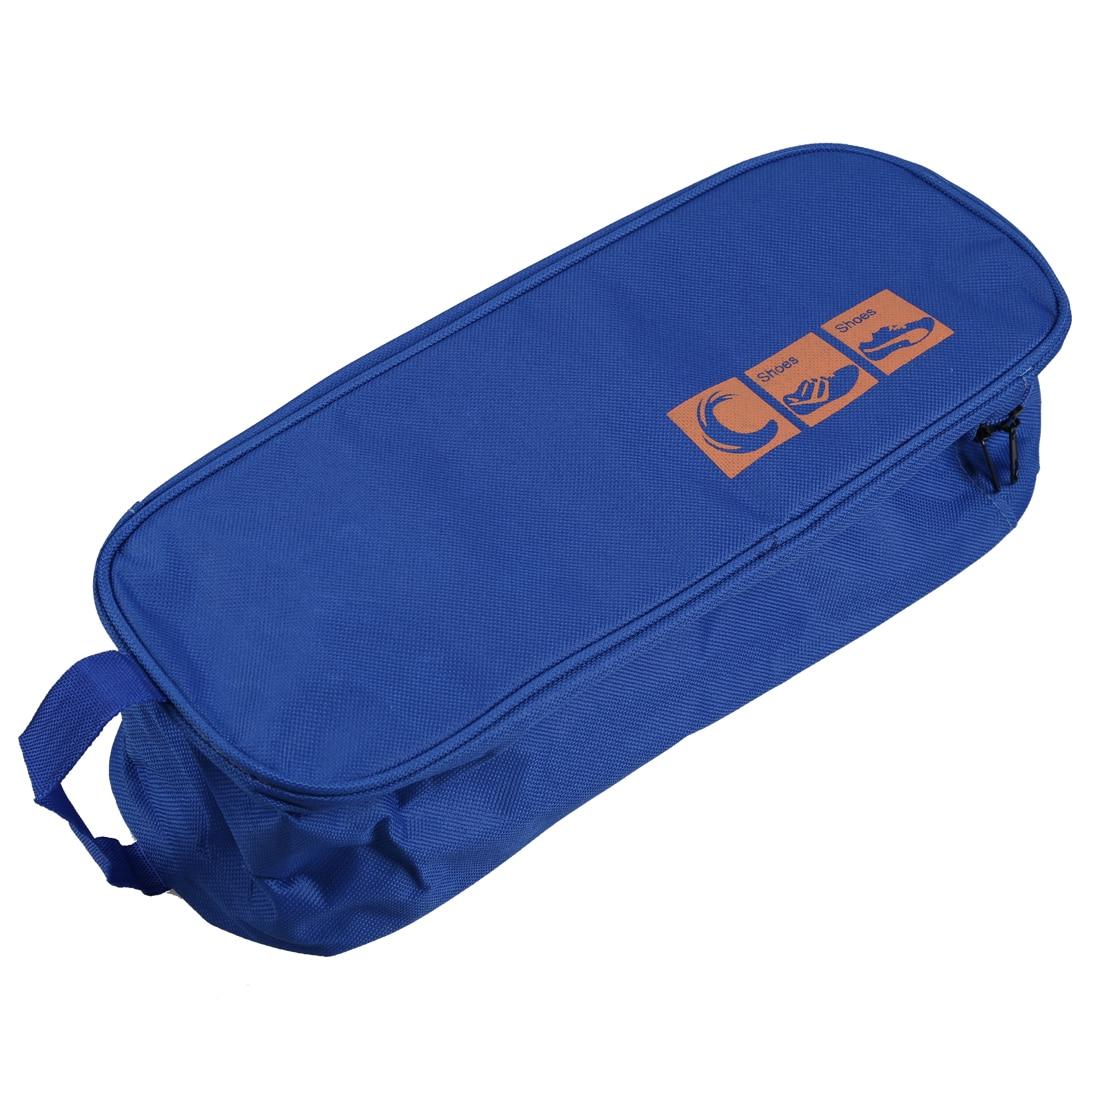 Модные Портативный Водонепроницаемый обуви дорожная сумка для переноски Чехол для хранения сумки дорожные сумки